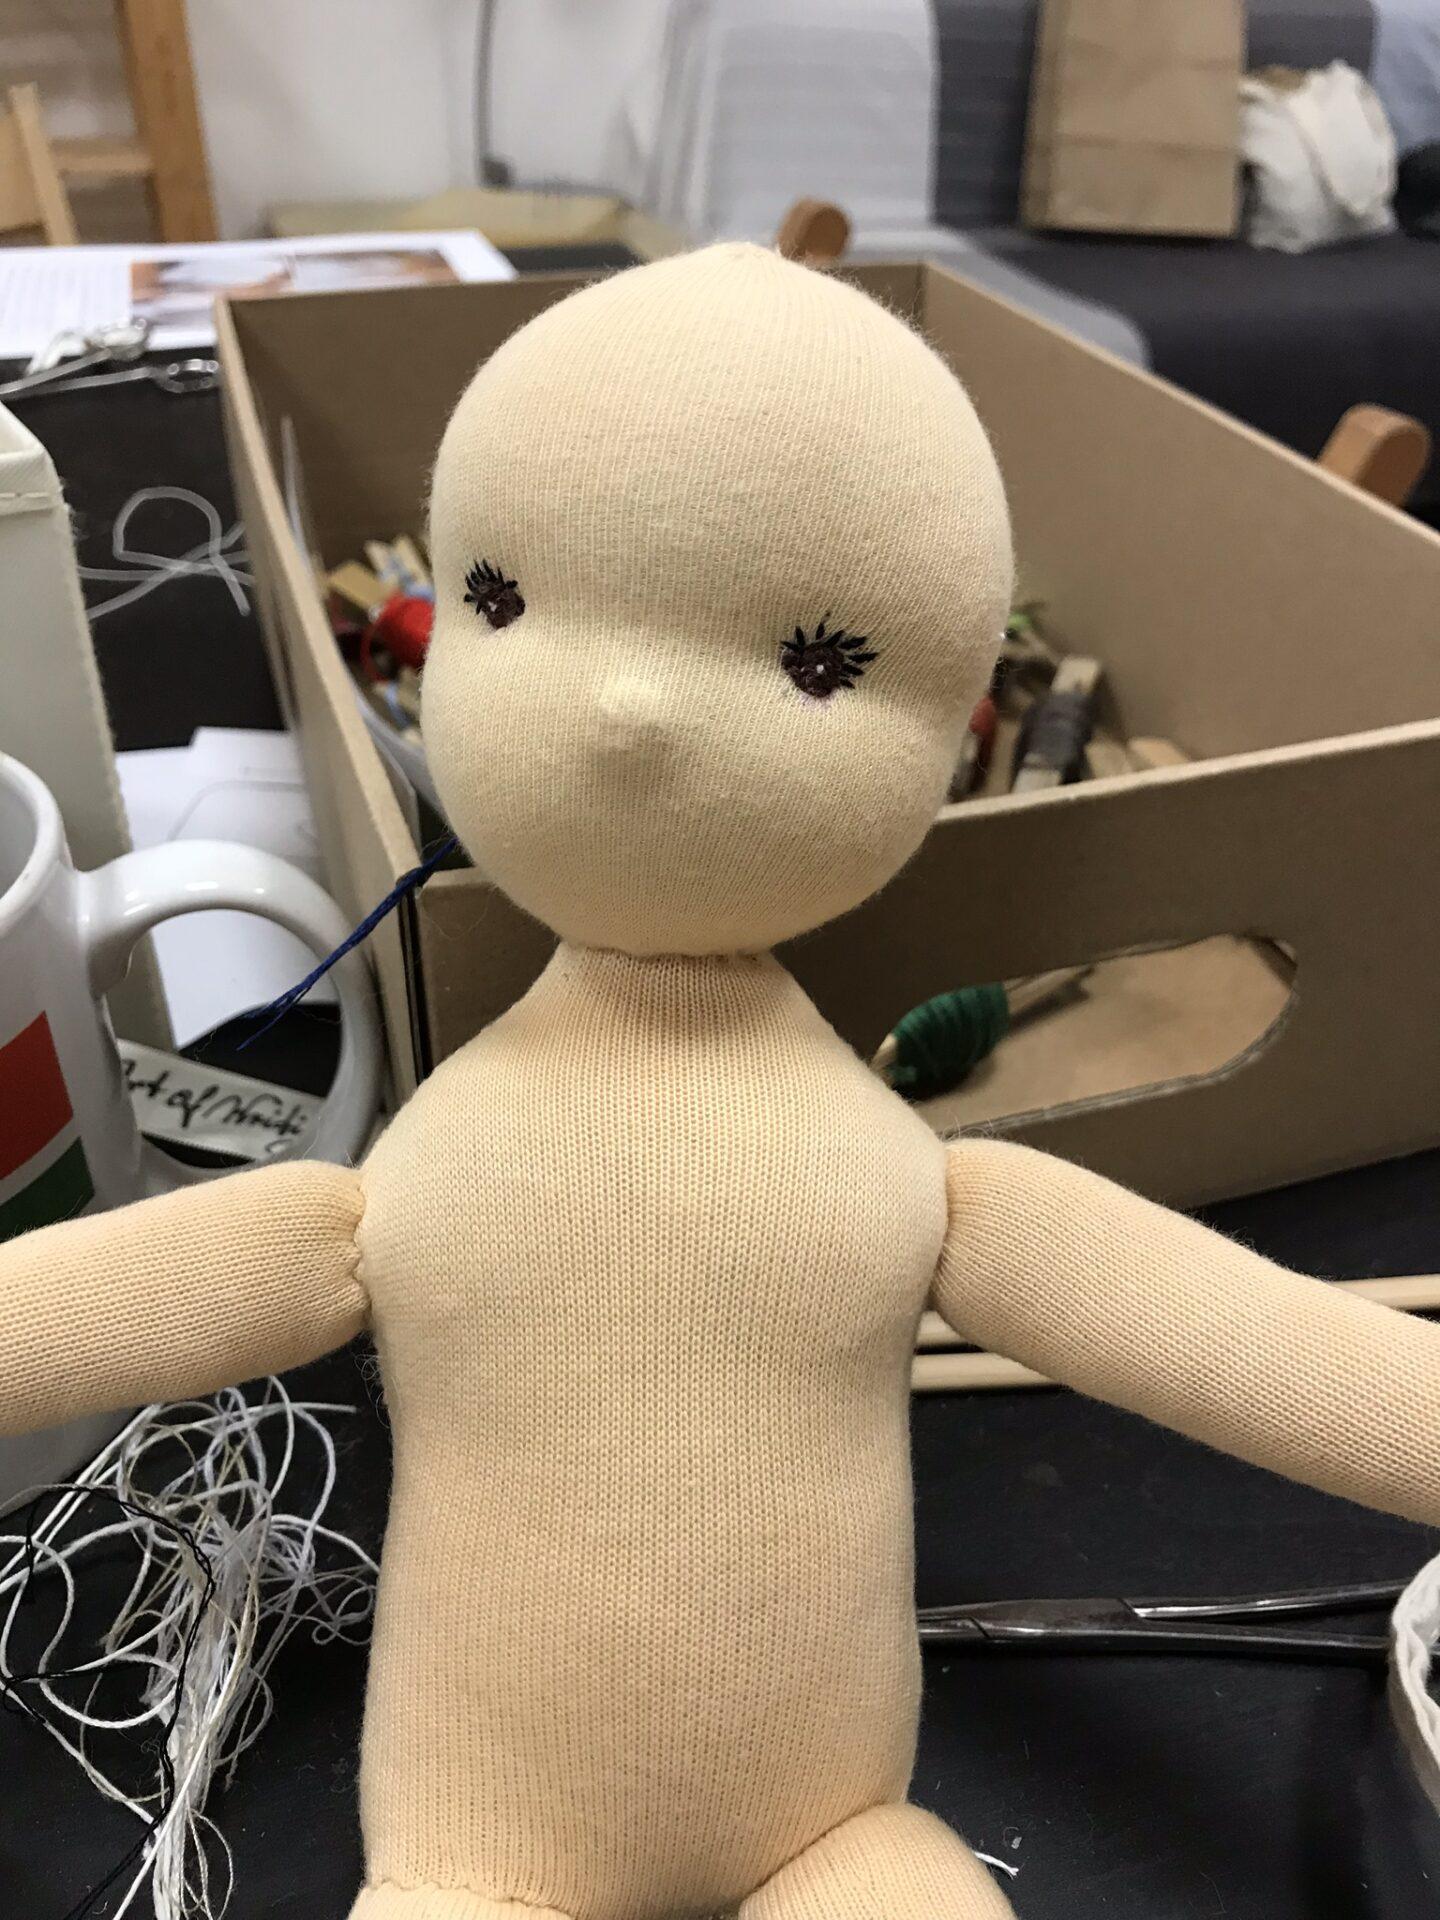 rozpracovaná panenka na kurzu šití panenek, ohlédnutí za listopadovým kurzem 2018